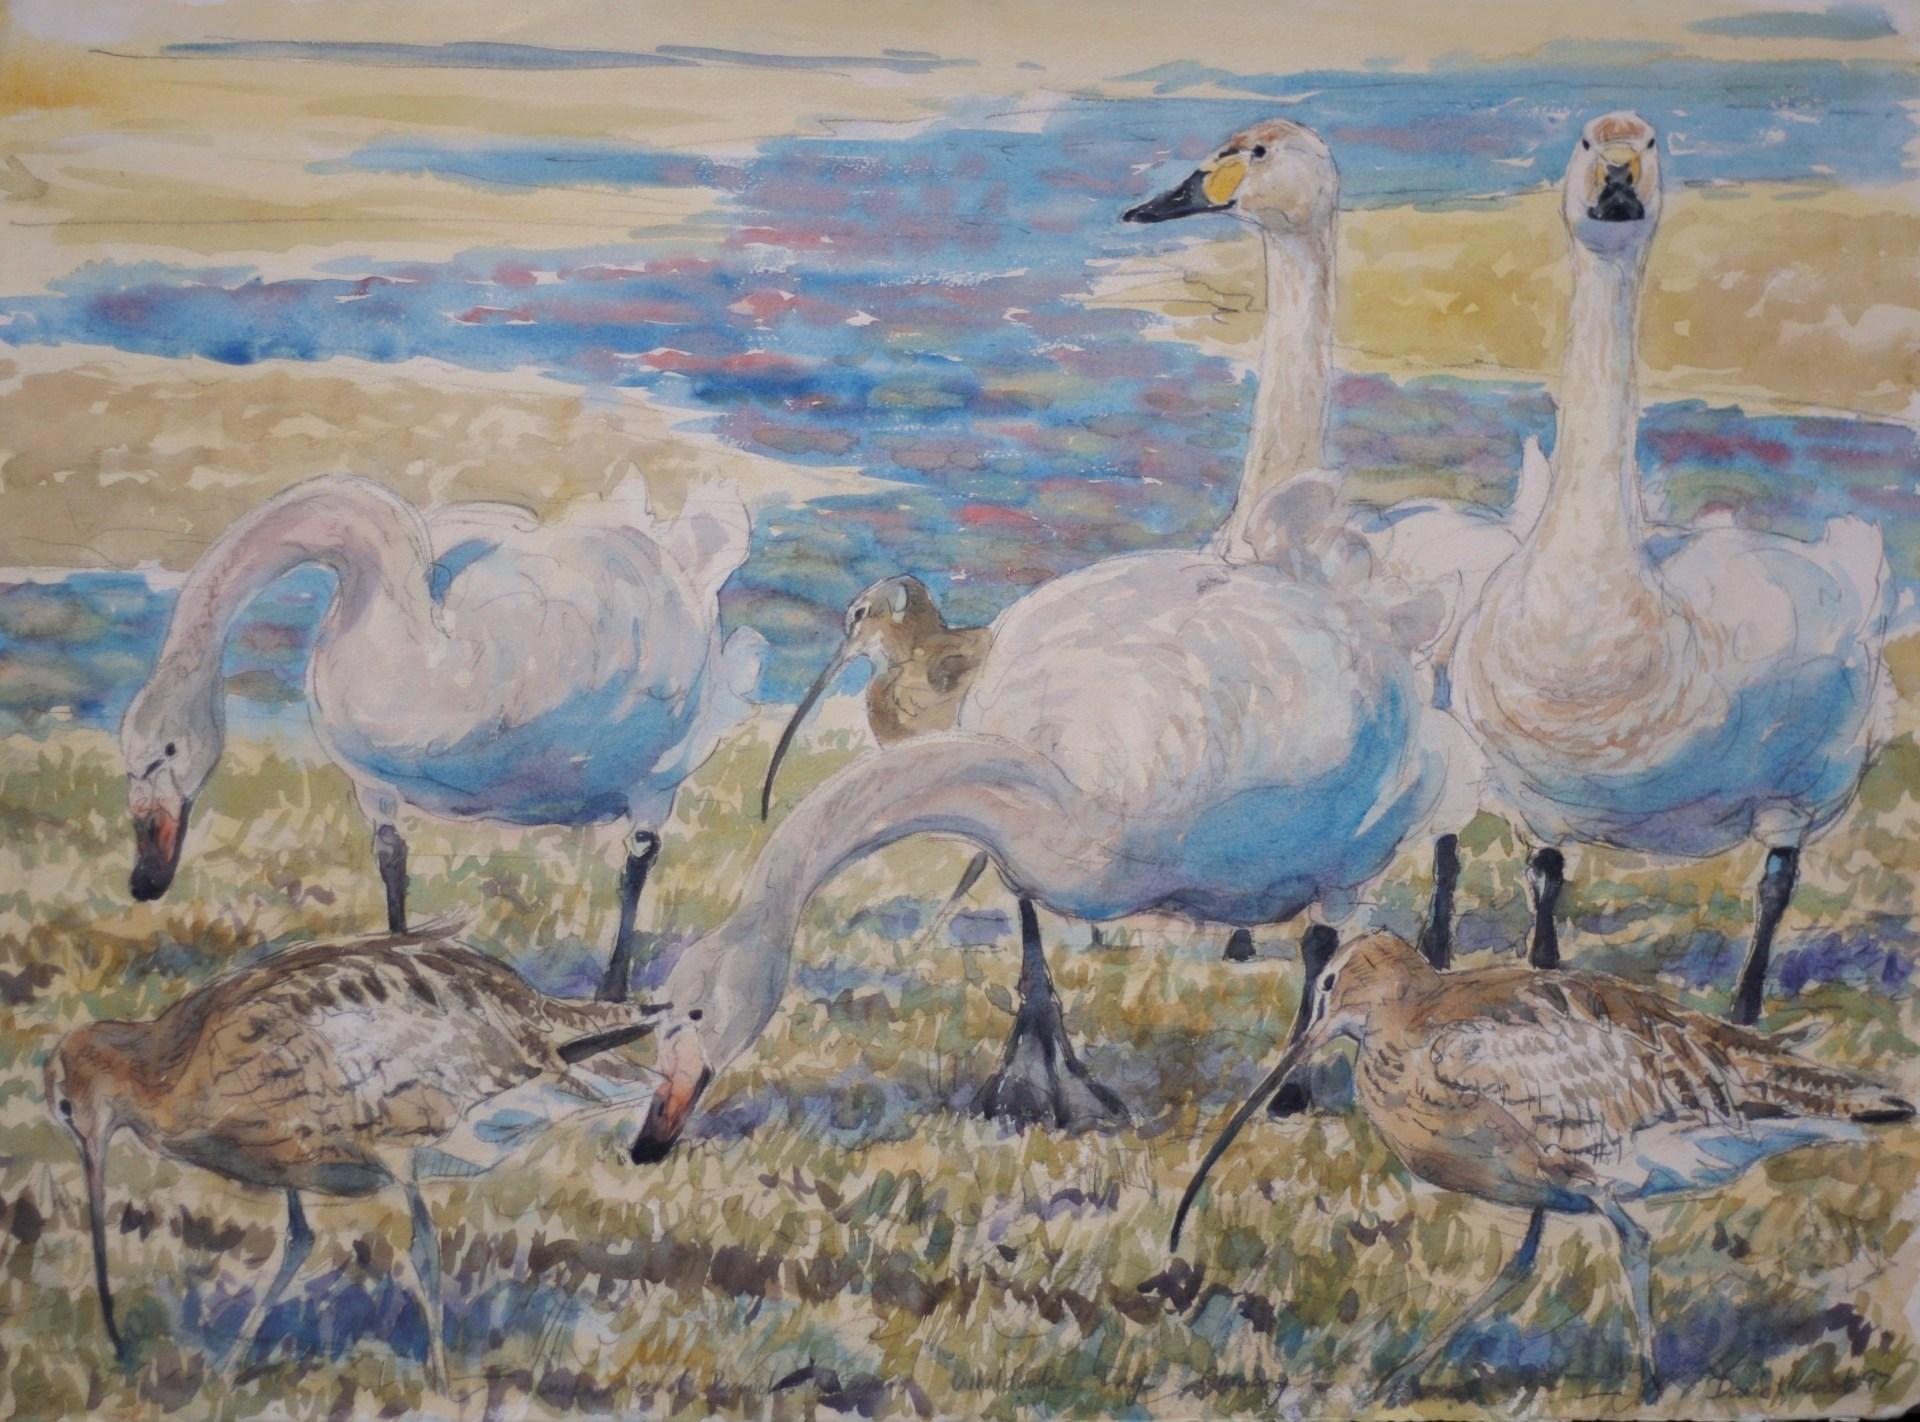 Whooper Swans and Curlew, Wheldrake Ings